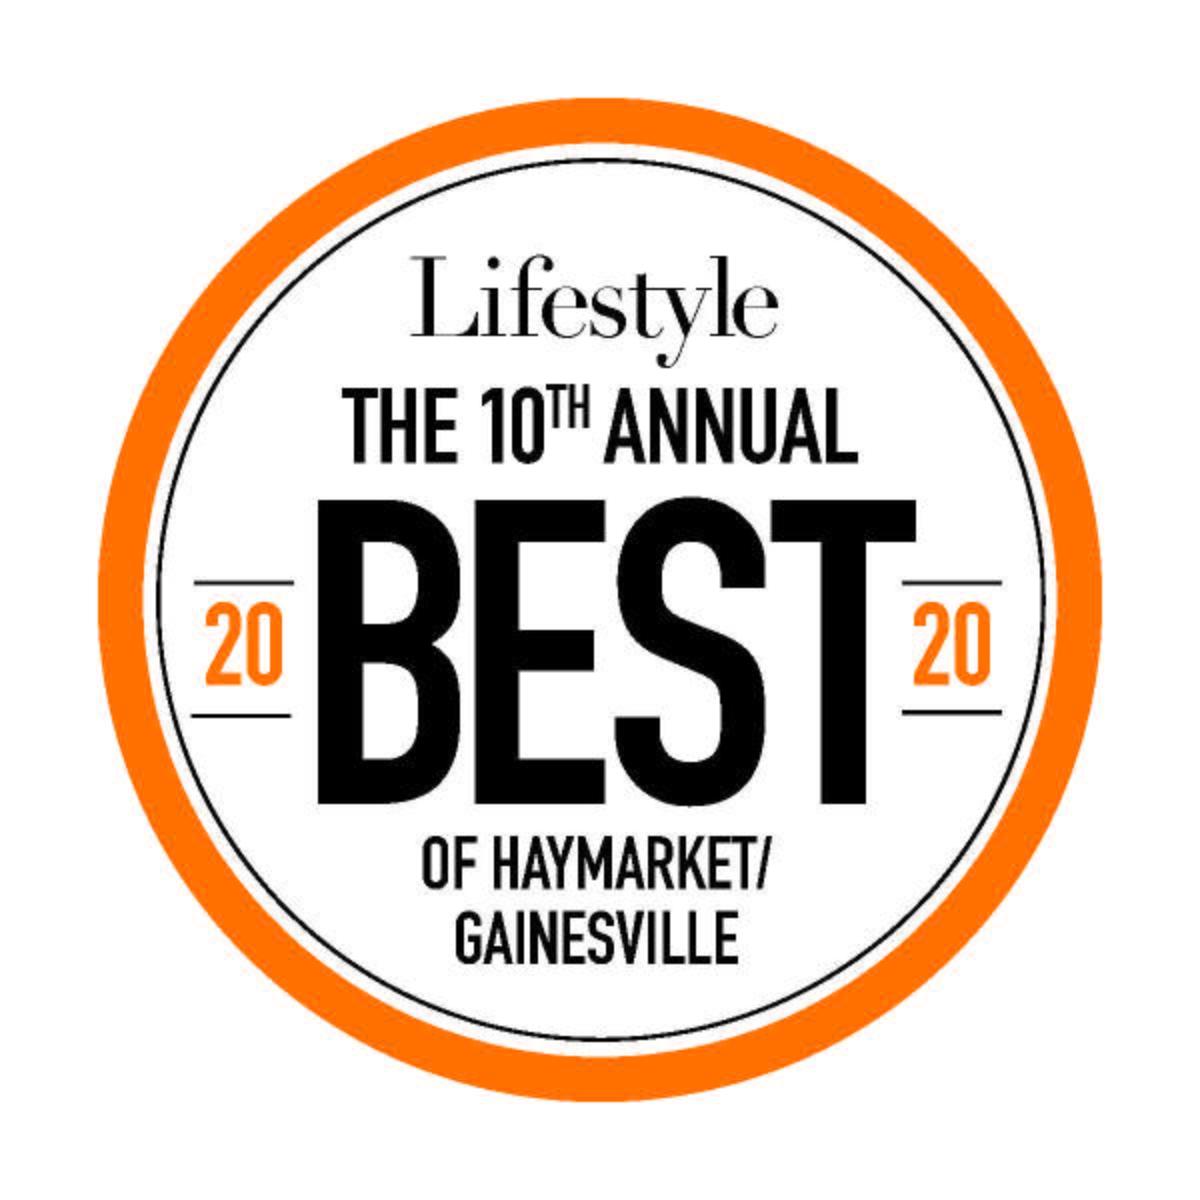 Best of Haymarket / Gainesville